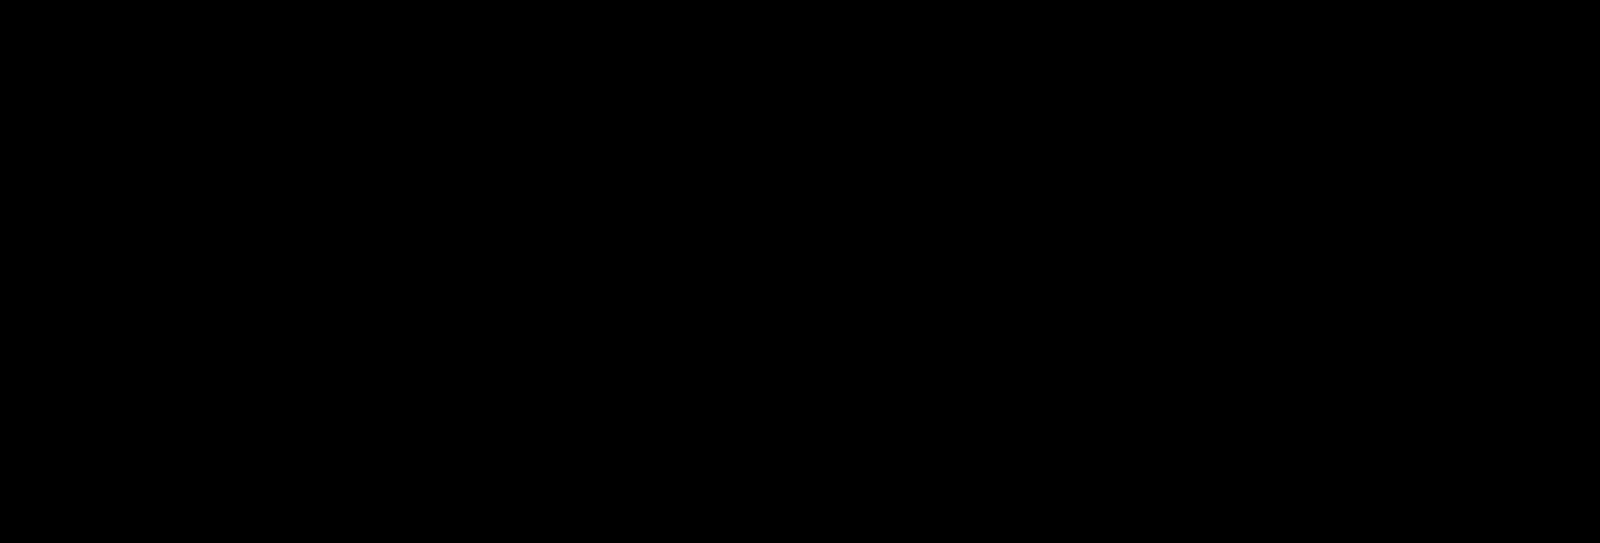 ThePhoenix_Logo